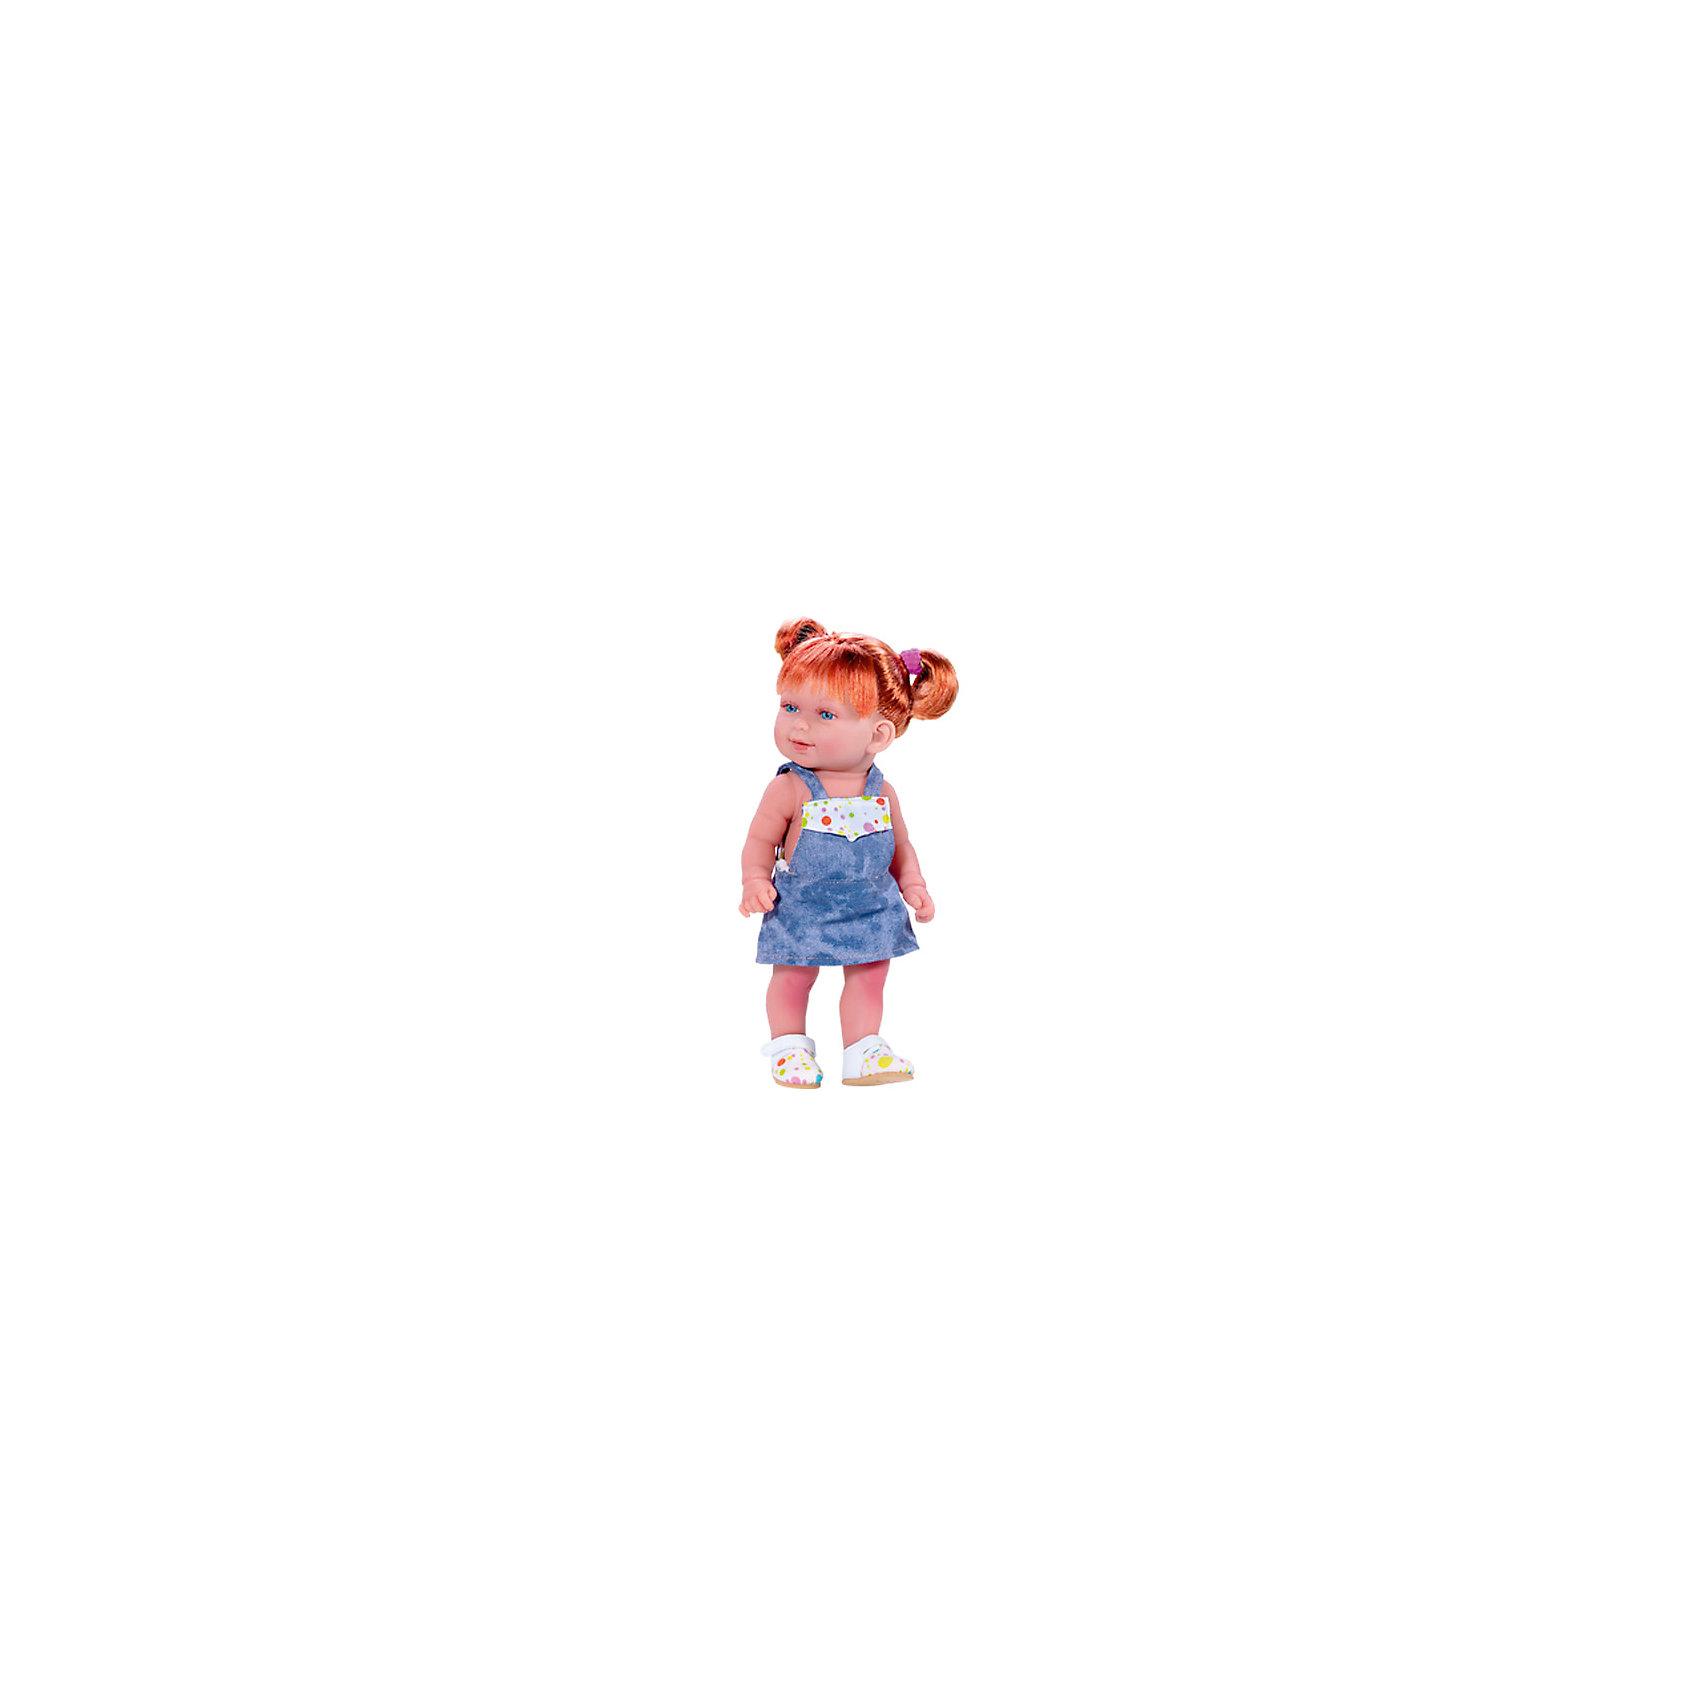 Кукла Кина в джинсовом комбинезоне, умеет стоять, серия soft touch, Vestida de AzulКлассические куклы<br>Характеристики товара:<br><br>• возраст: от 3 лет;<br>• материал: винил, текстиль;<br>• в комплекте: кукла, платье;<br>• высота куклы: 30 см;<br>• размер упаковки: 34х14х8 см;<br>• вес упаковки: 495 гр.;<br>• страна производитель: Испания.<br><br>Кукла Кина в джинсовом комбинезоне Soft Touch Vestida de Azul — очаровательная малышка с пухлыми щечками и большими выразительными глазками. Кина одета в джинсовое платье и разноцветные туфельки. У Кины рыжие волосы, завязанные в хвостики. Волосы очень похожи на натуральные, их можно расчесывать, украшать, заплетать. У куклы подвижные руки и ноги, она умеет самостоятельно стоять. Игра с пупсом привьет девочке чувство ответственности, любви, заботы. <br><br>Куклу Кину в джинсовом комбинезоне Soft Touch Vestida de Azul можно приобрести в нашем интернет-магазине.<br><br>Ширина мм: 380<br>Глубина мм: 120<br>Высота мм: 240<br>Вес г: 650<br>Возраст от месяцев: 36<br>Возраст до месяцев: 2147483647<br>Пол: Женский<br>Возраст: Детский<br>SKU: 6844345